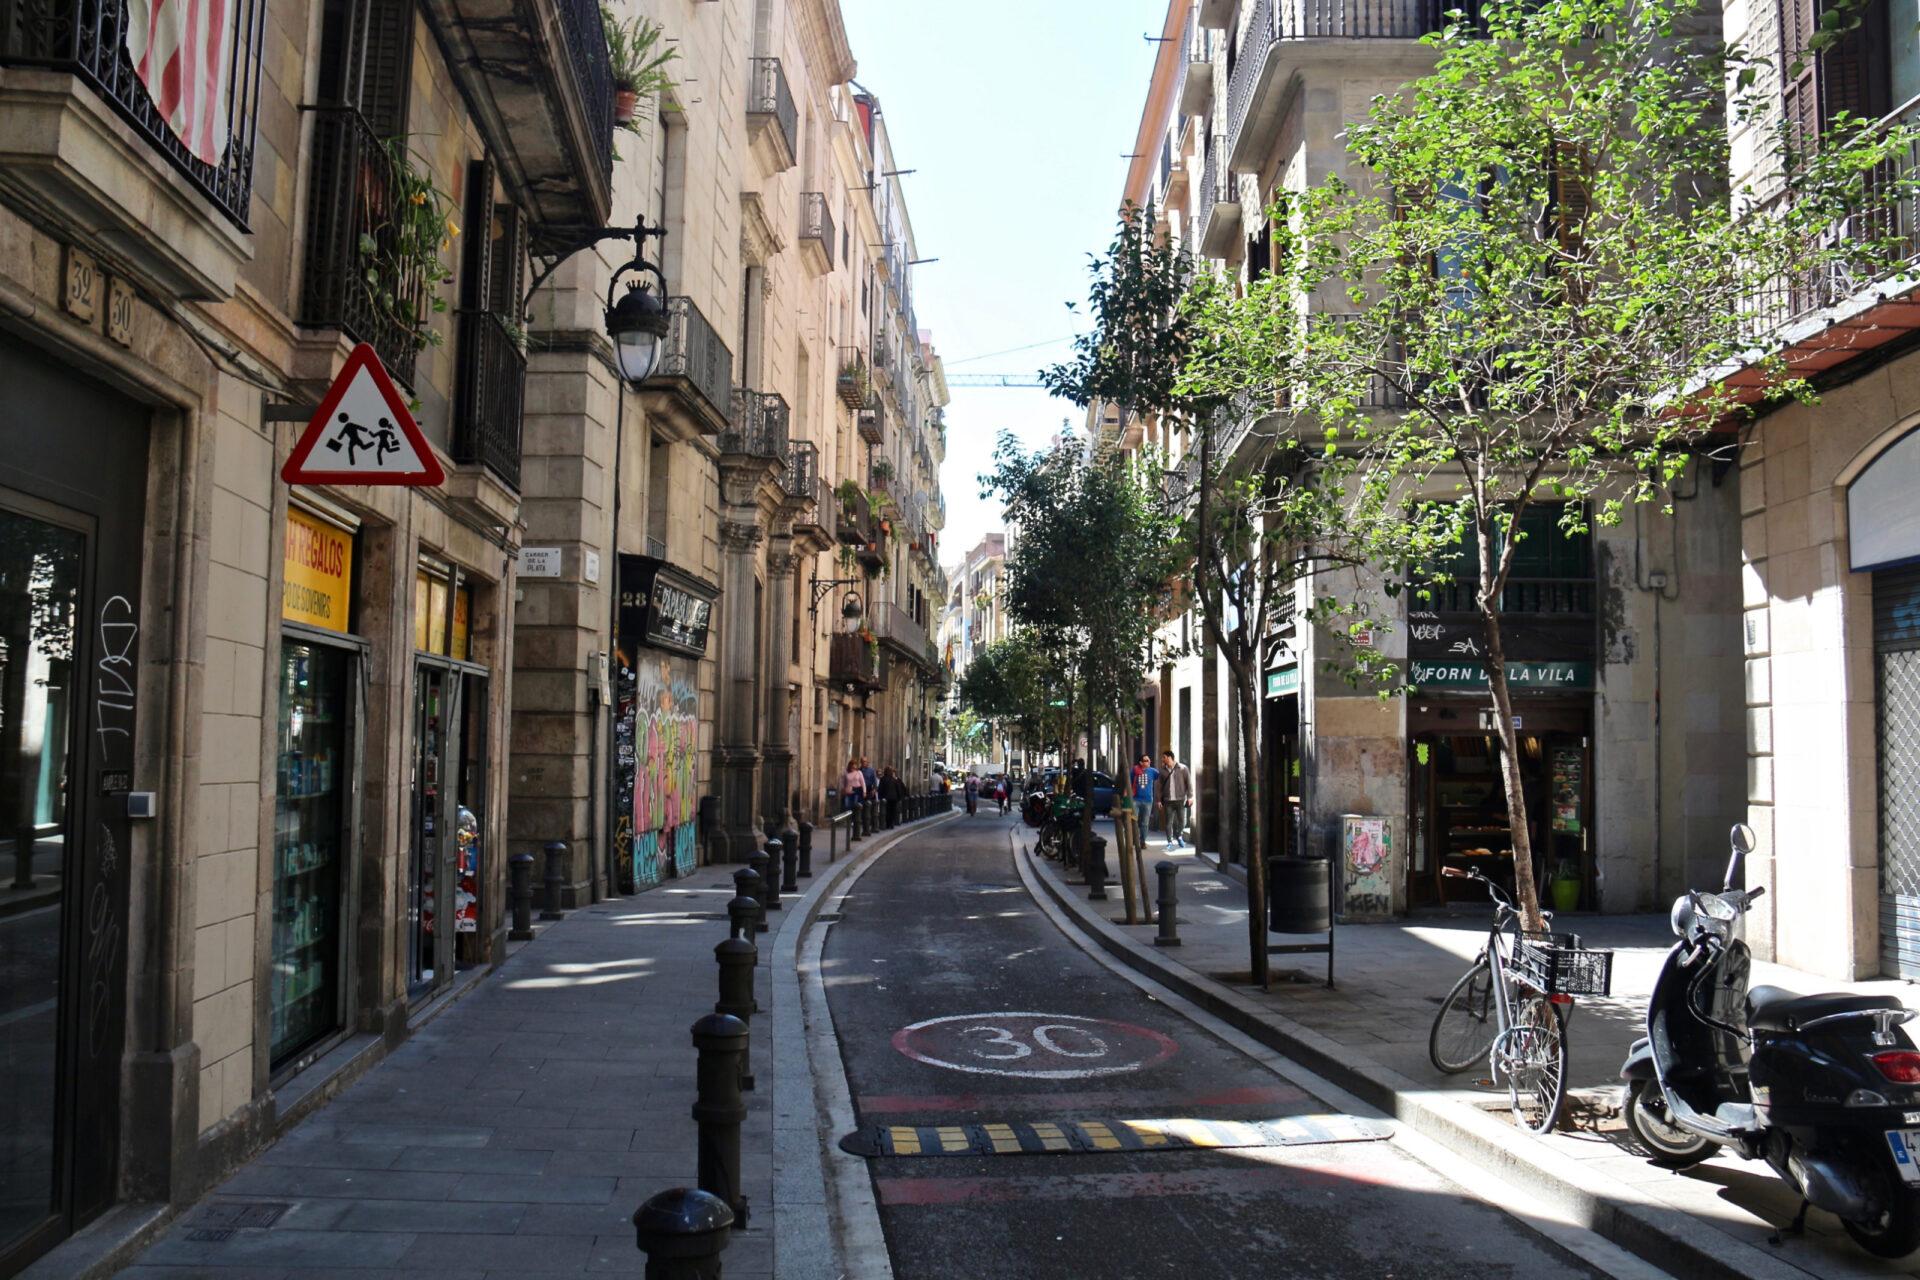 Был такой конкурс «Испанские каникулы»))) Рамбла иГотический квартал.